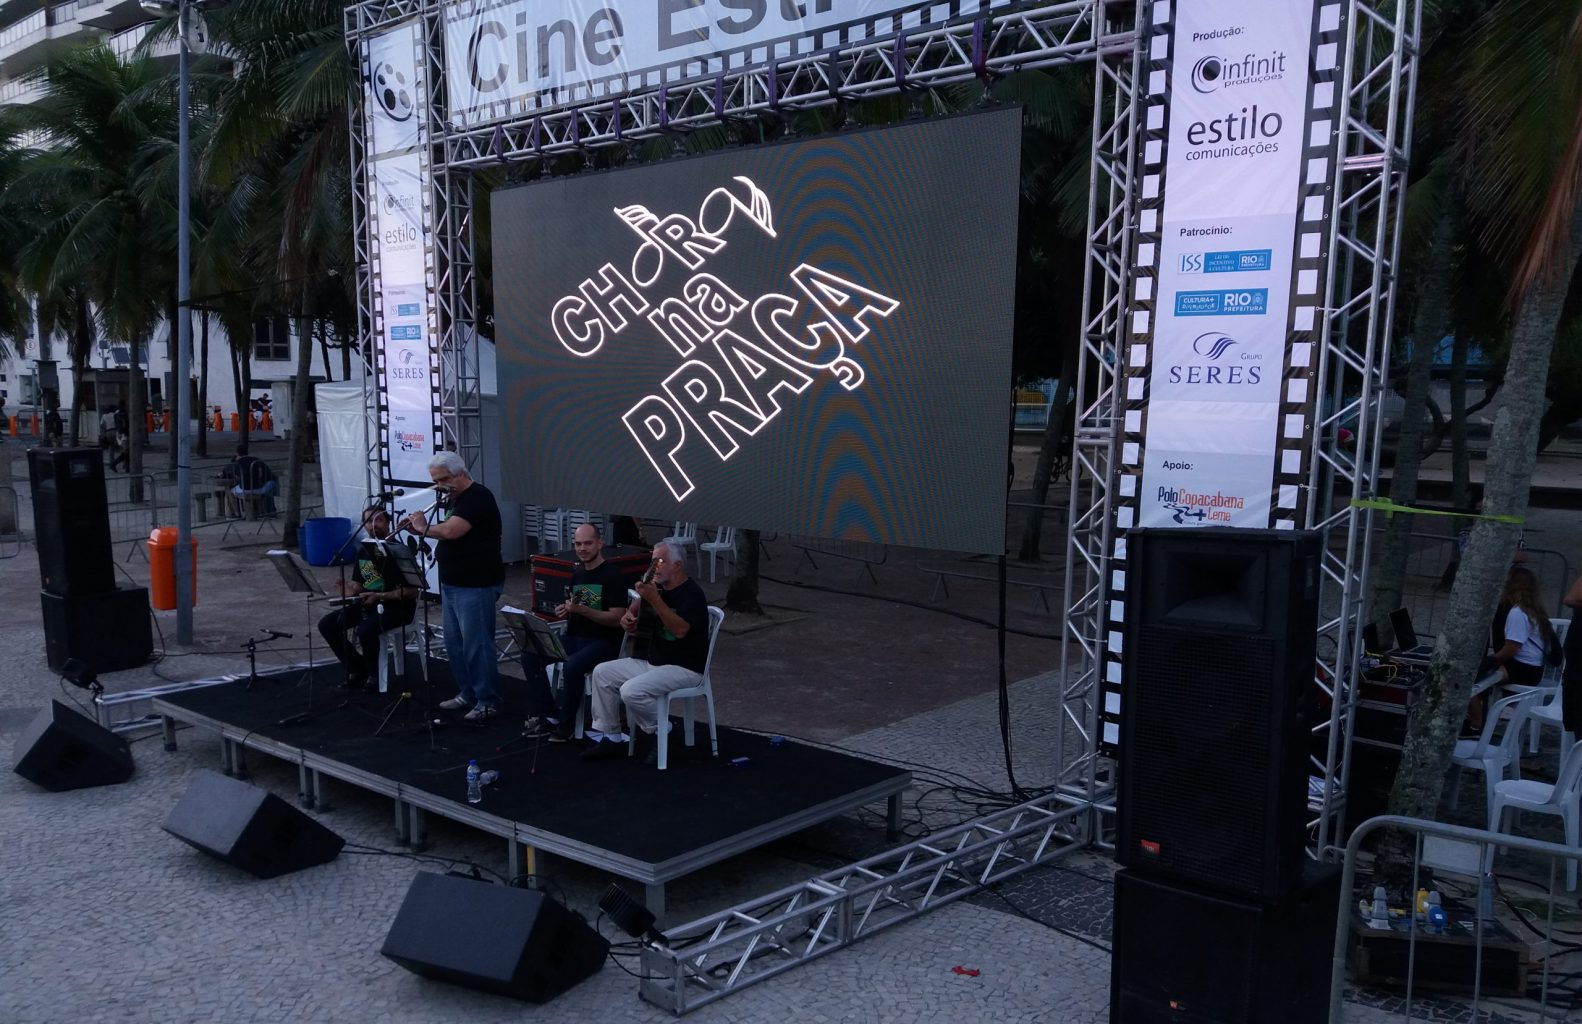 choro na praça prefeitura rio de janeiro cine estrela praça do leme